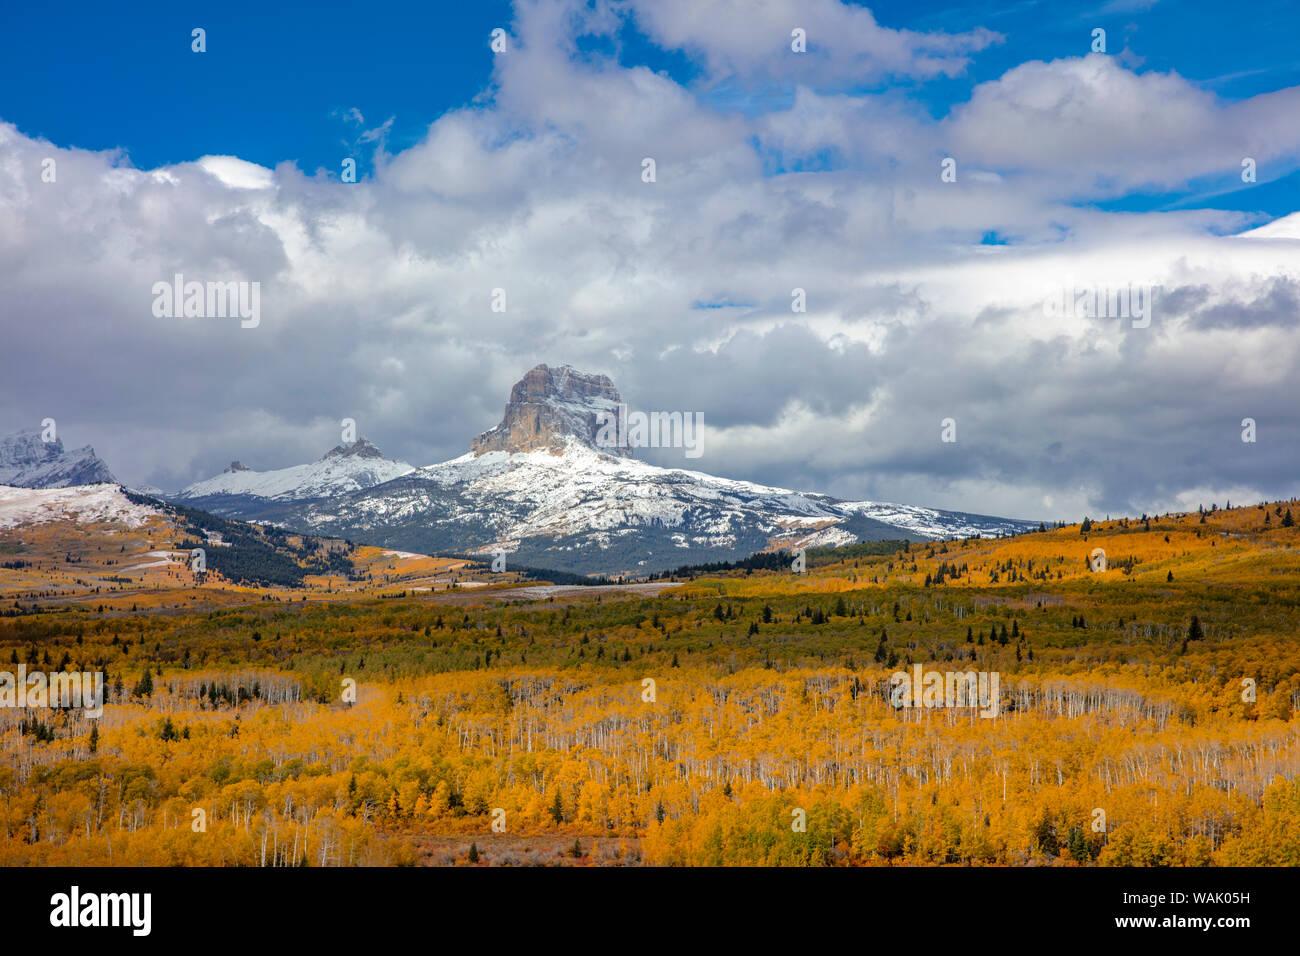 La couleur de l'automne de pointe dans les tremblaies ci-dessous Chief Mountain dans le Glacier National Park, Montana, USA Banque D'Images